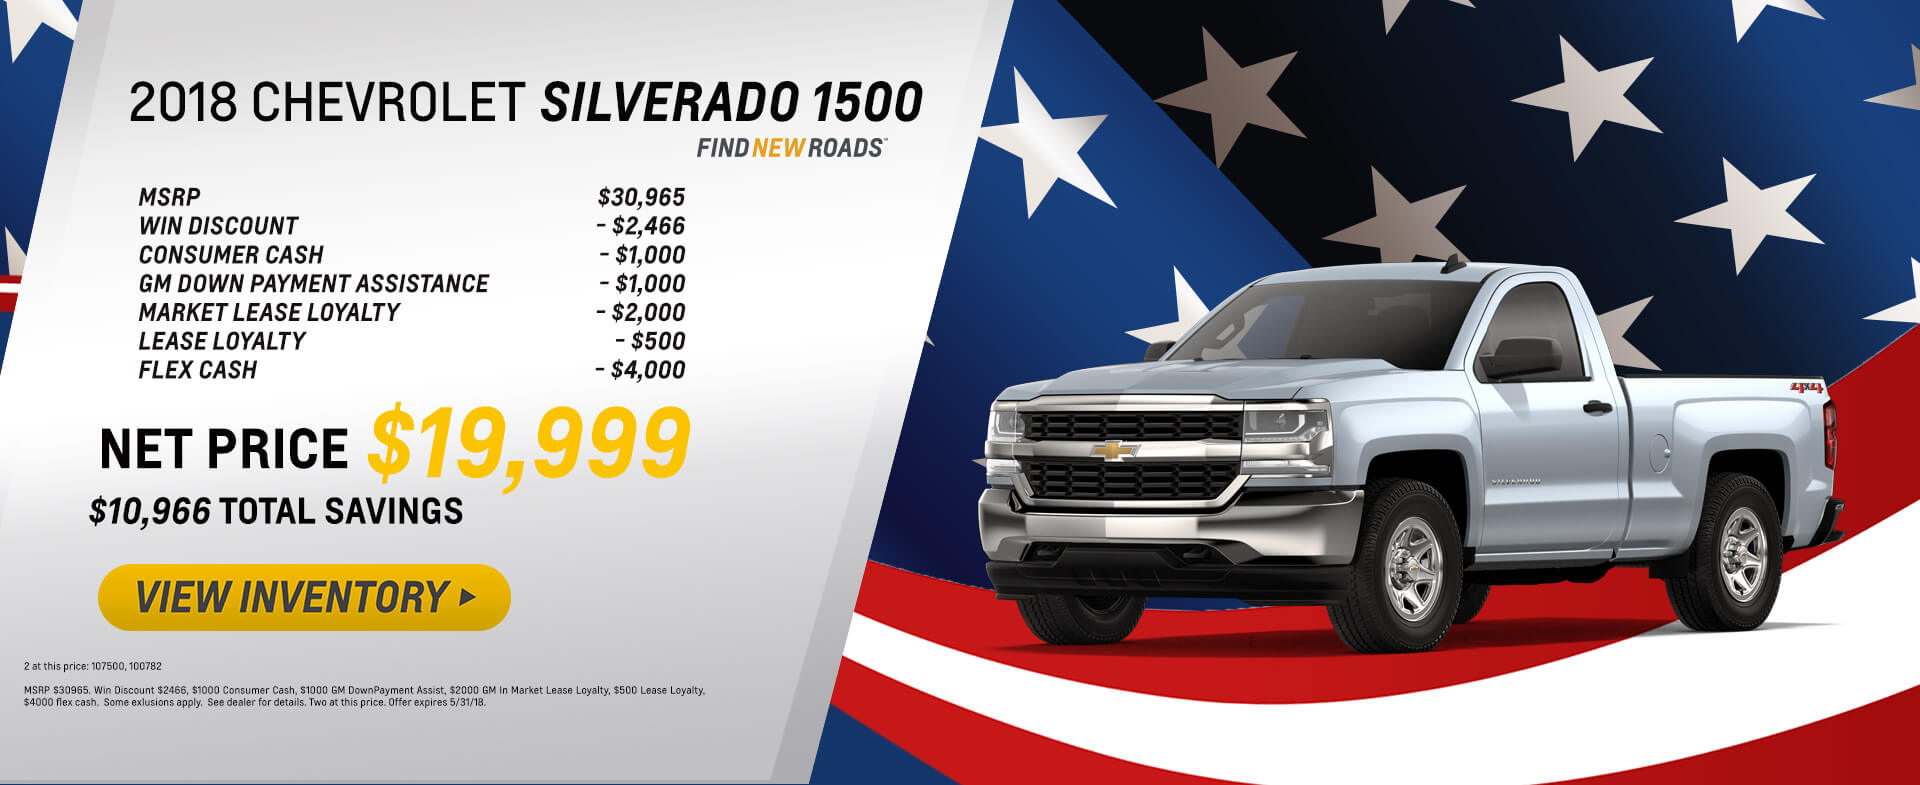 2018 Silverado 1500 $19,999